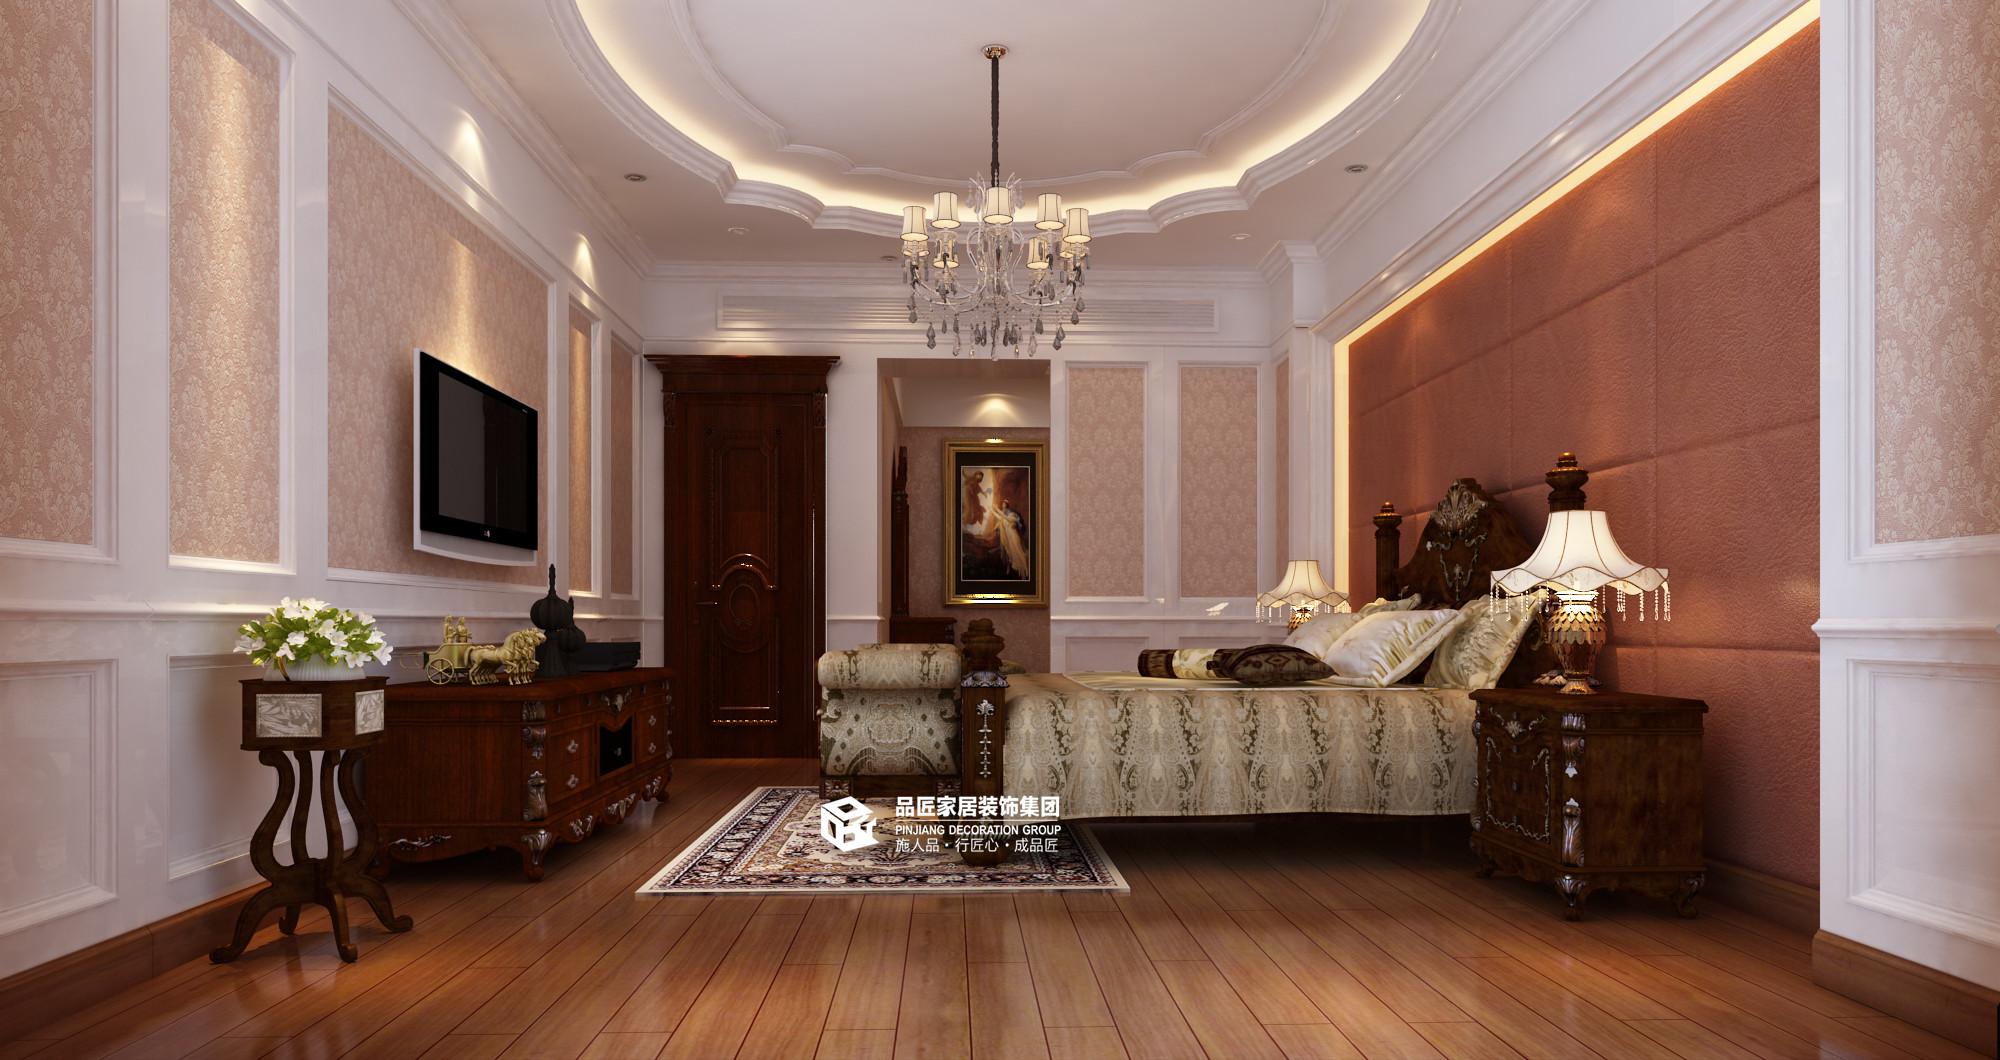 装修价格 欧式风格装 品匠装饰 凤岭世家 卧室图片来自广西品匠装饰集团在凤岭世家简欧风格装修案例。的分享